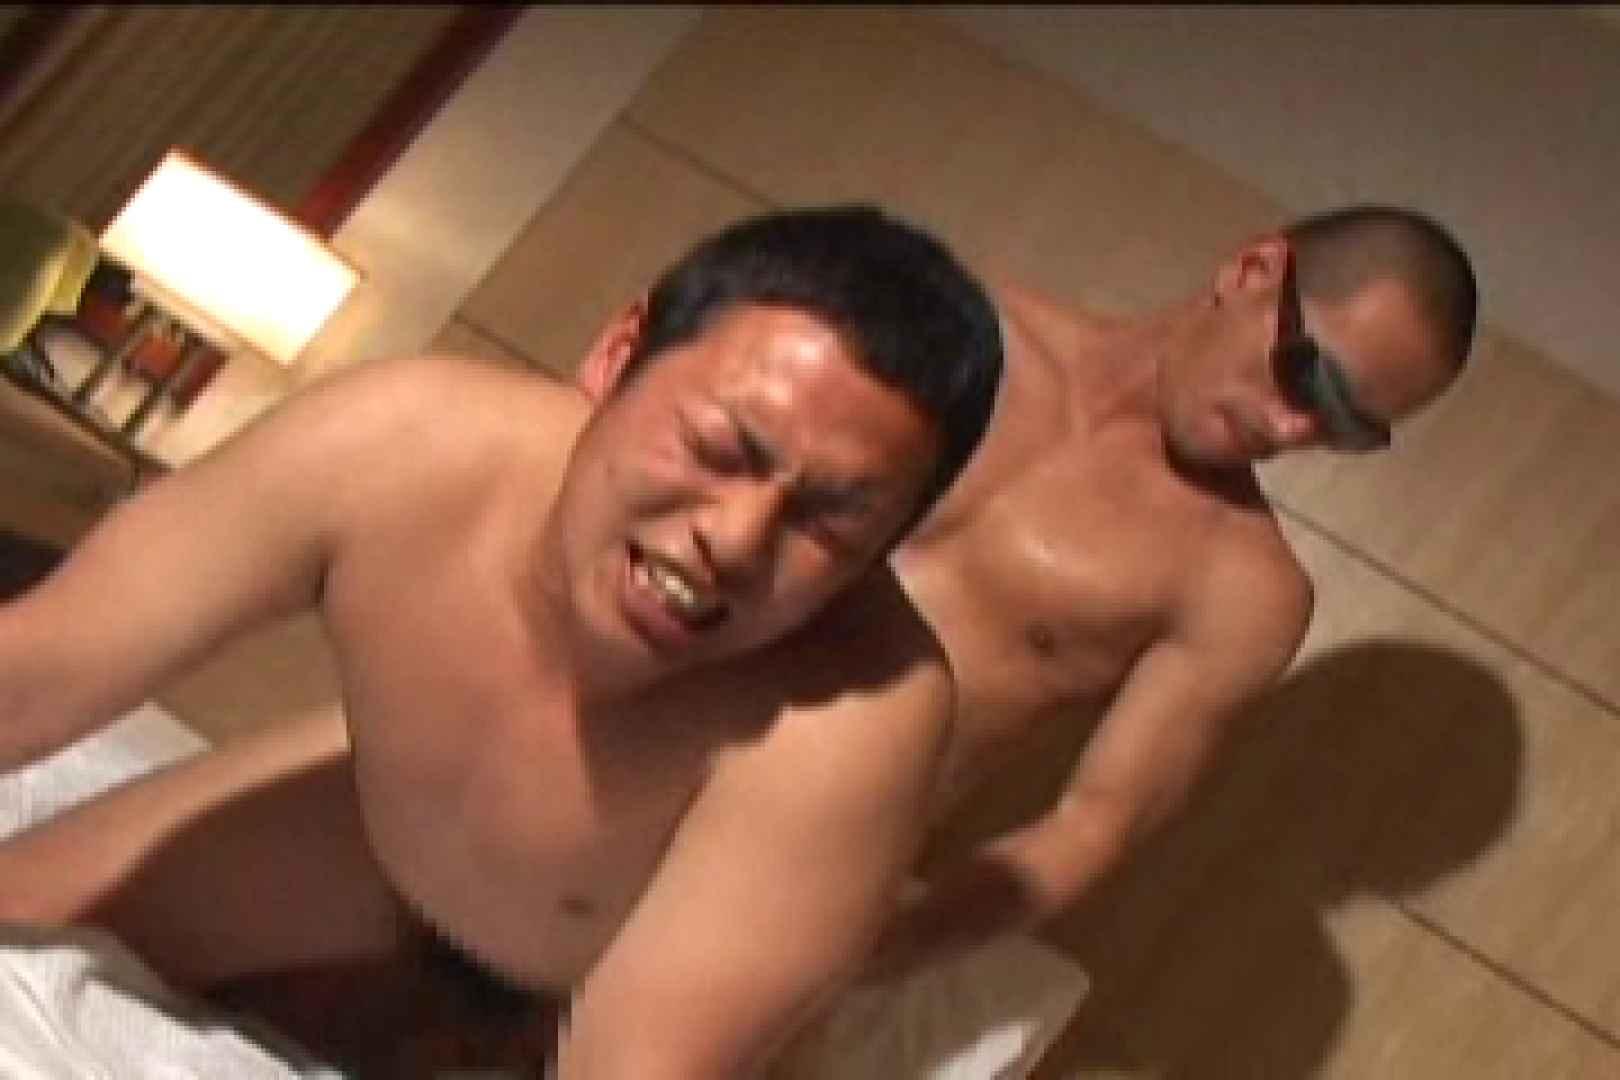 スポMENファック!!反り勃つ男根!!vol.6 イケメン ケツマンスケベ画像 96枚 81